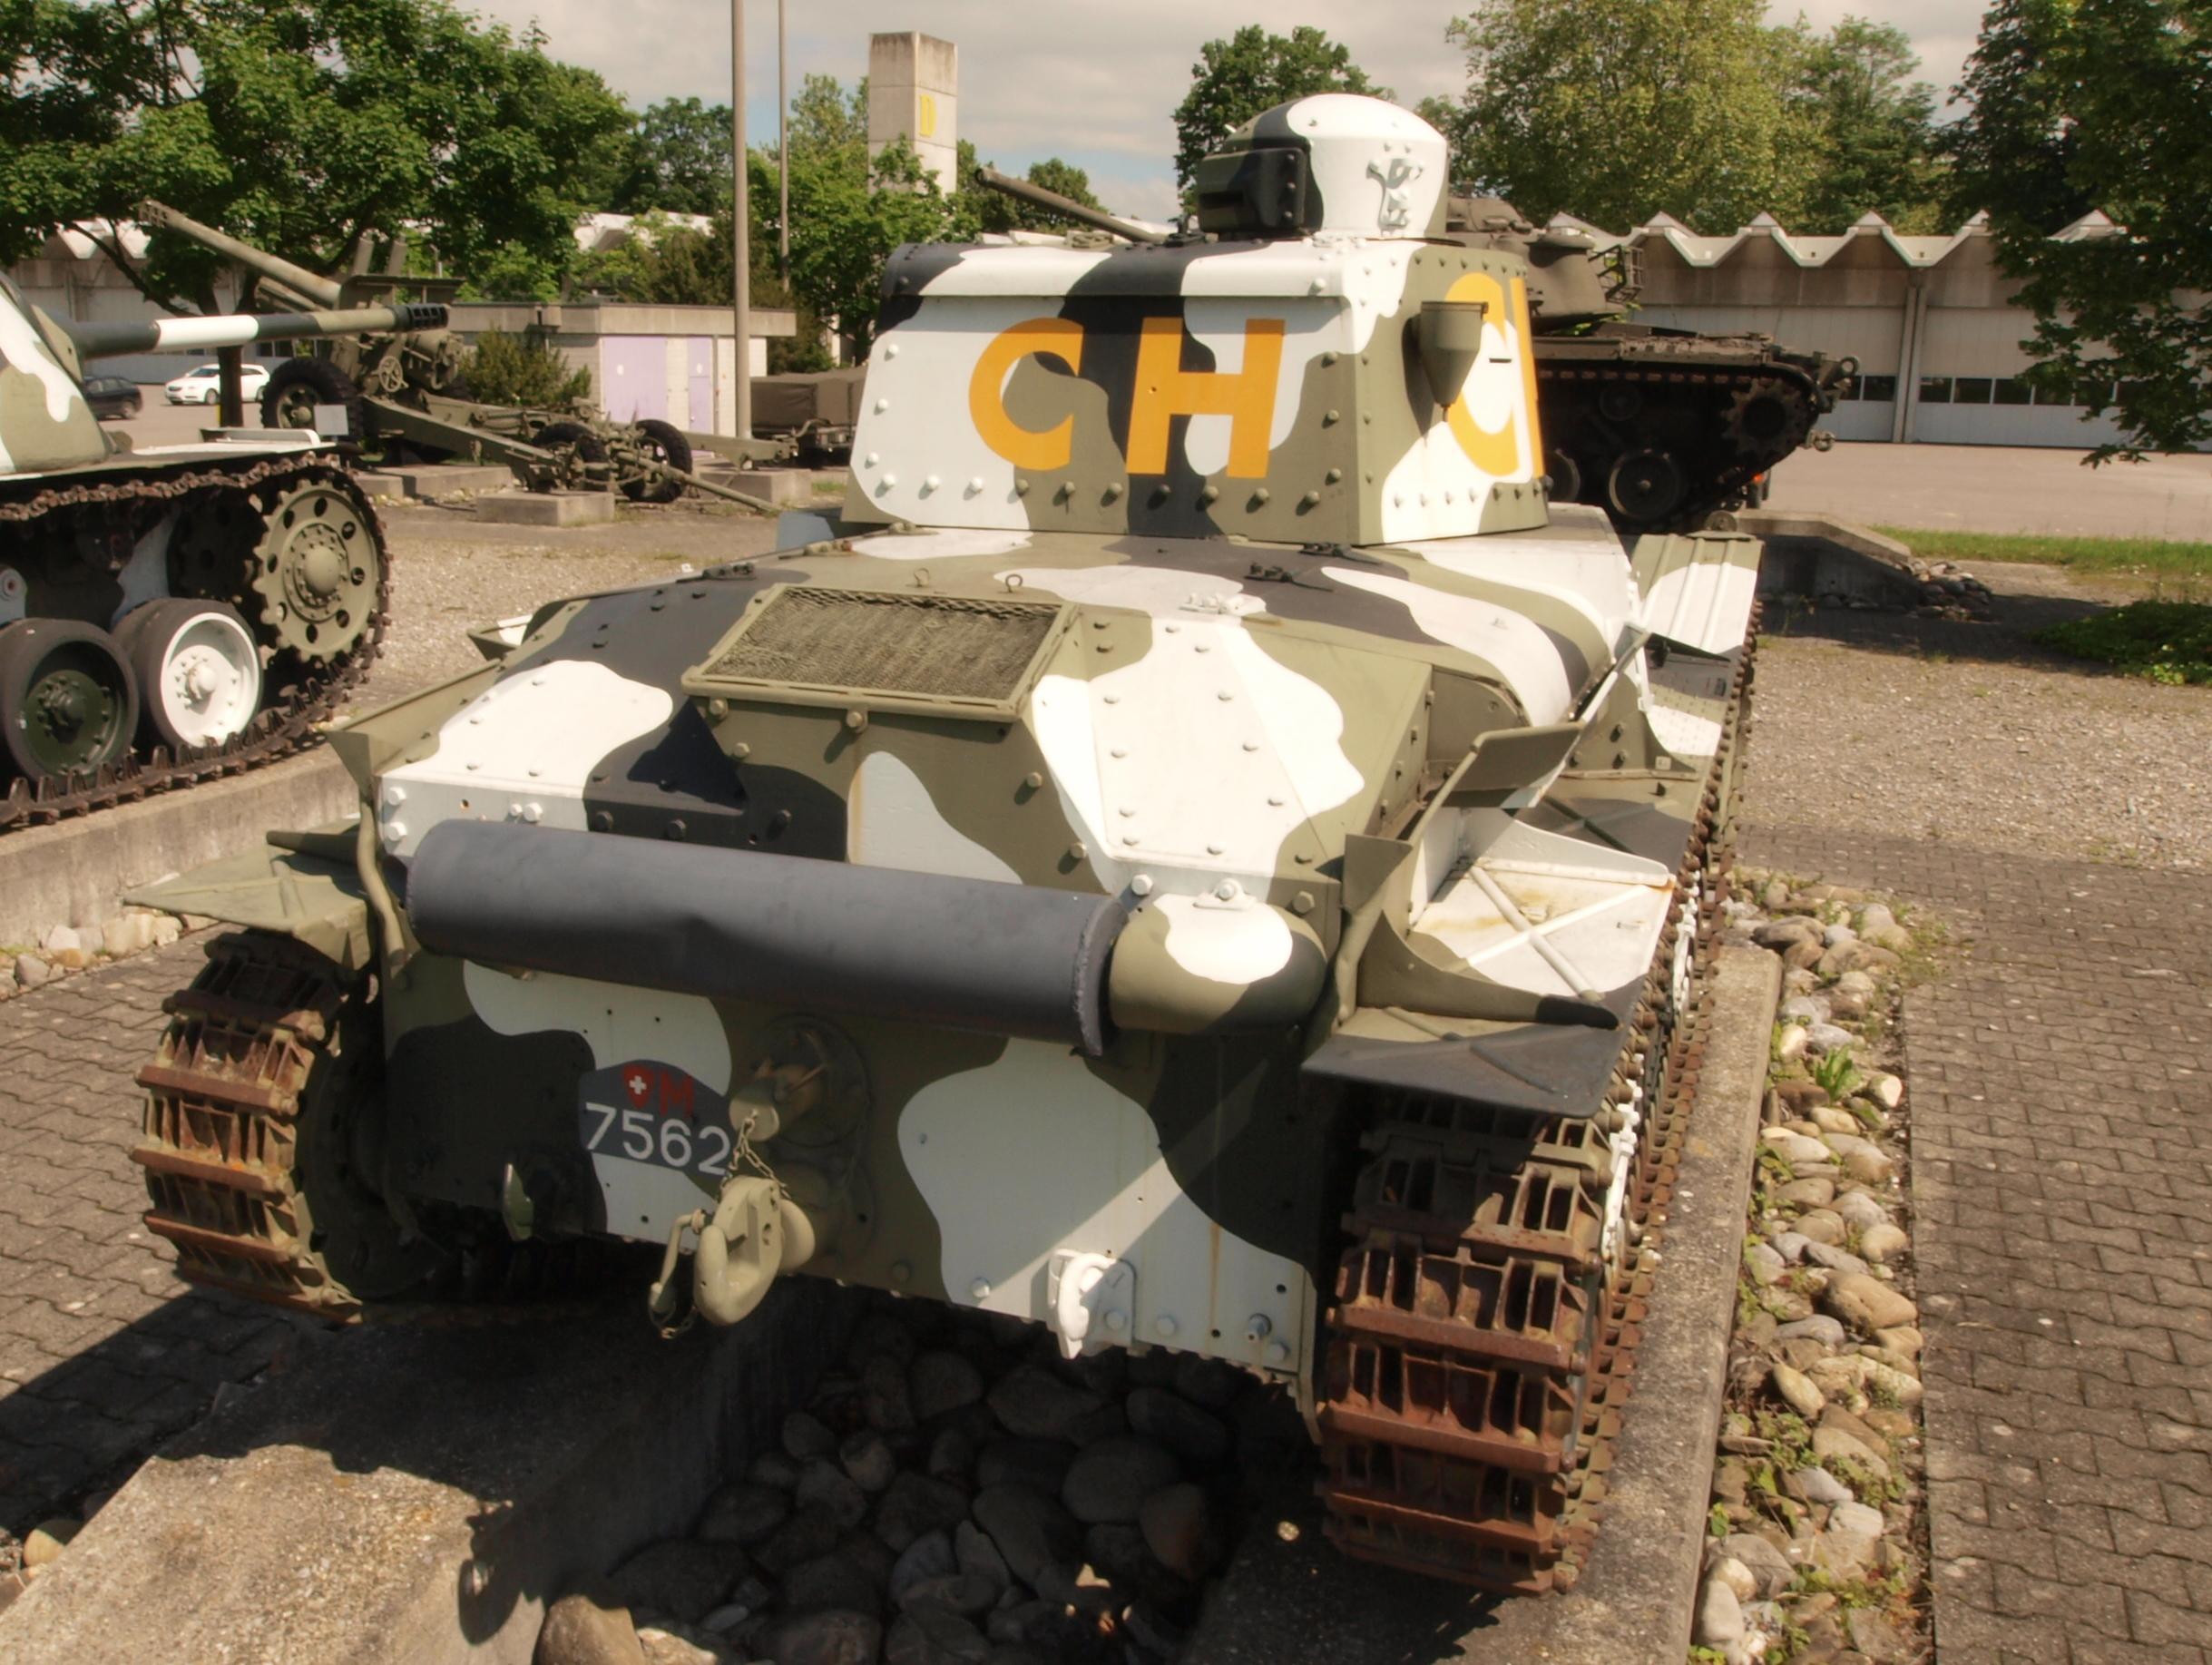 File:Panzerwagen 39 'Praga' pic08 JPG - Wikimedia Commons